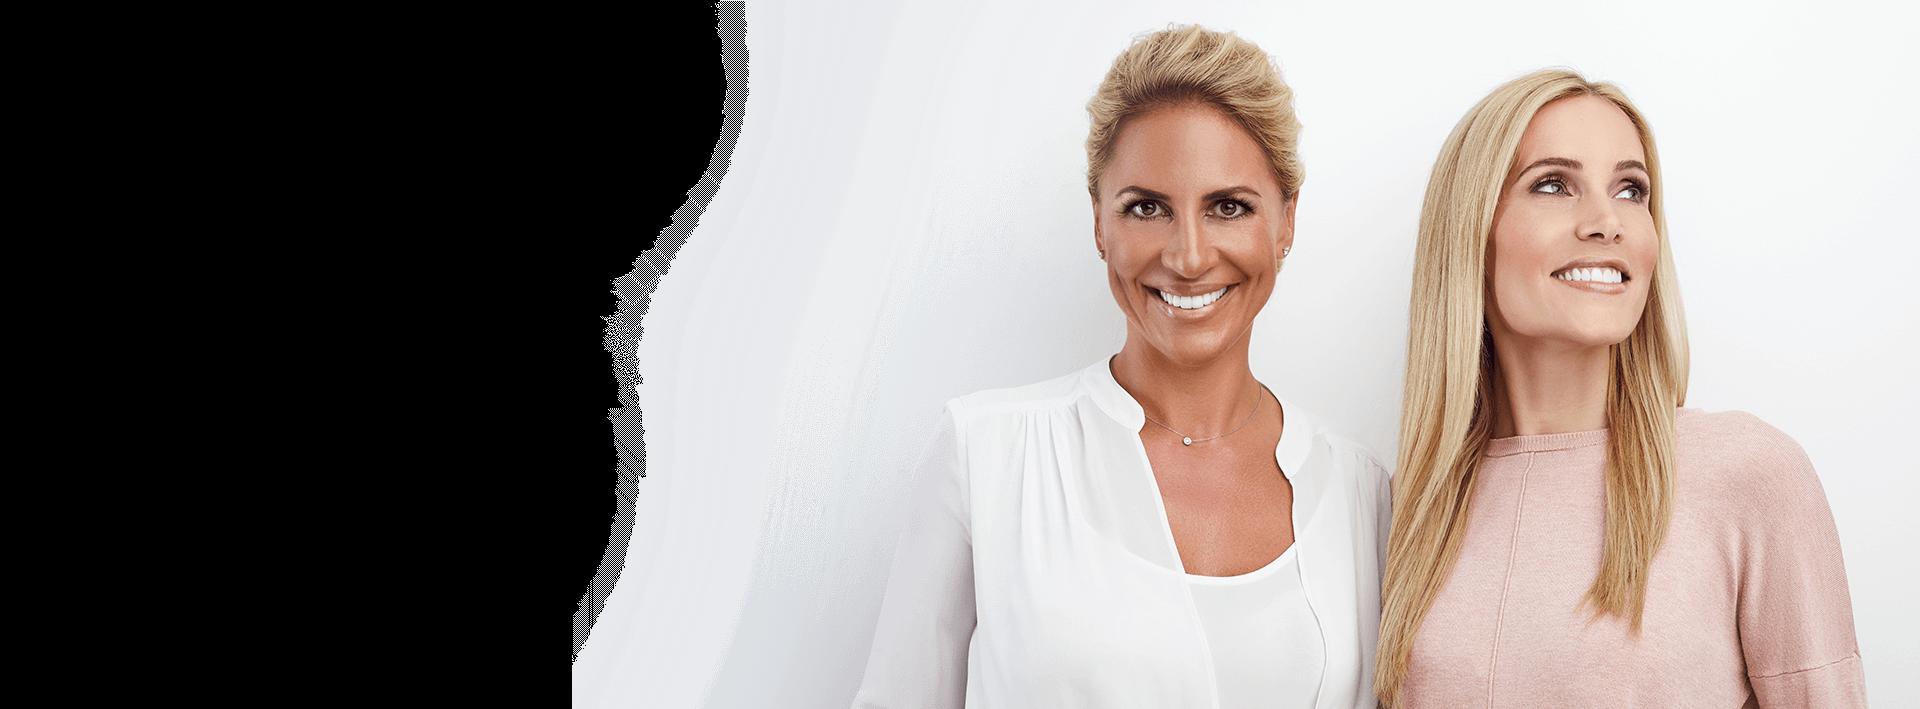 Dr. Mariana Mintcheva ist eine erfahrene Zahnärztin und vertraut mit der Behandlung von Angstpatienten